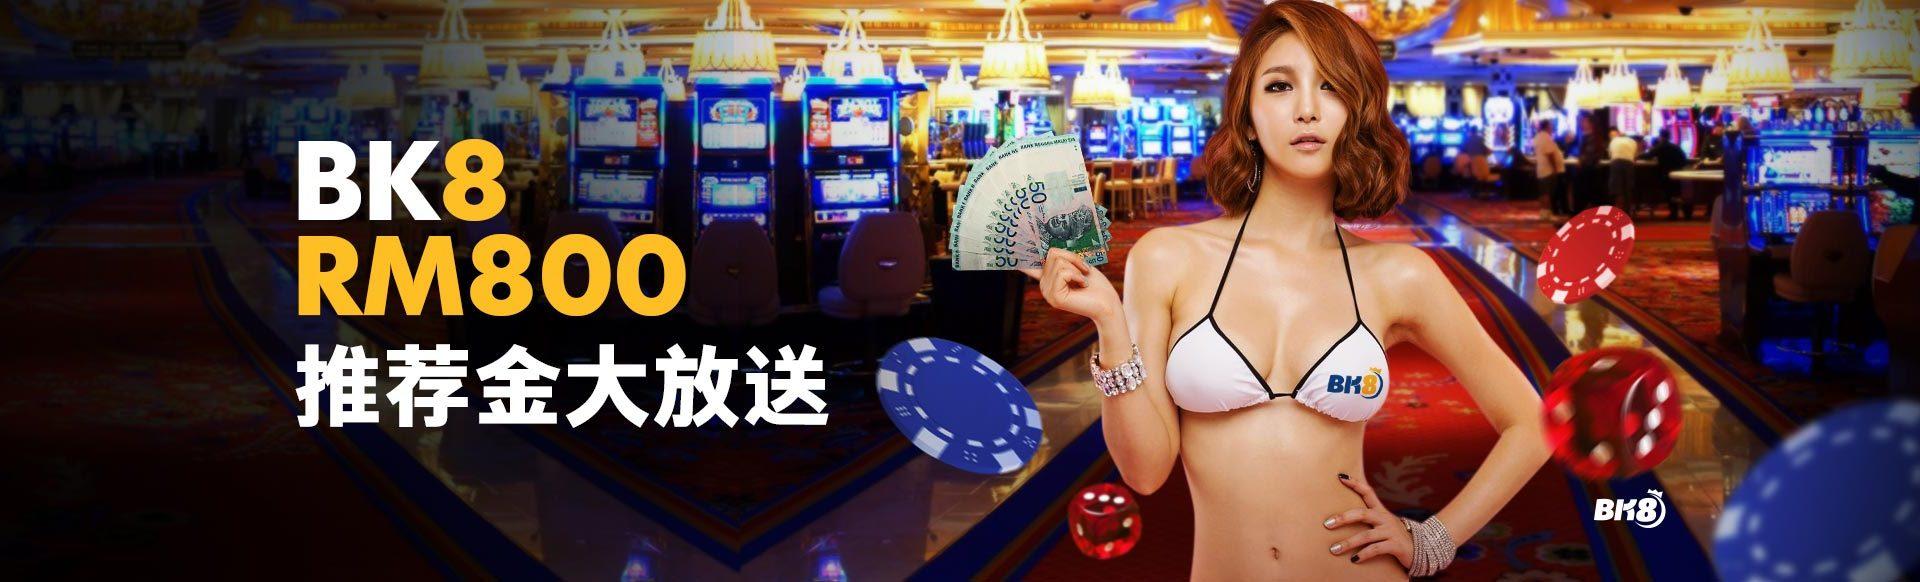 网上赌场马来西亚奖金